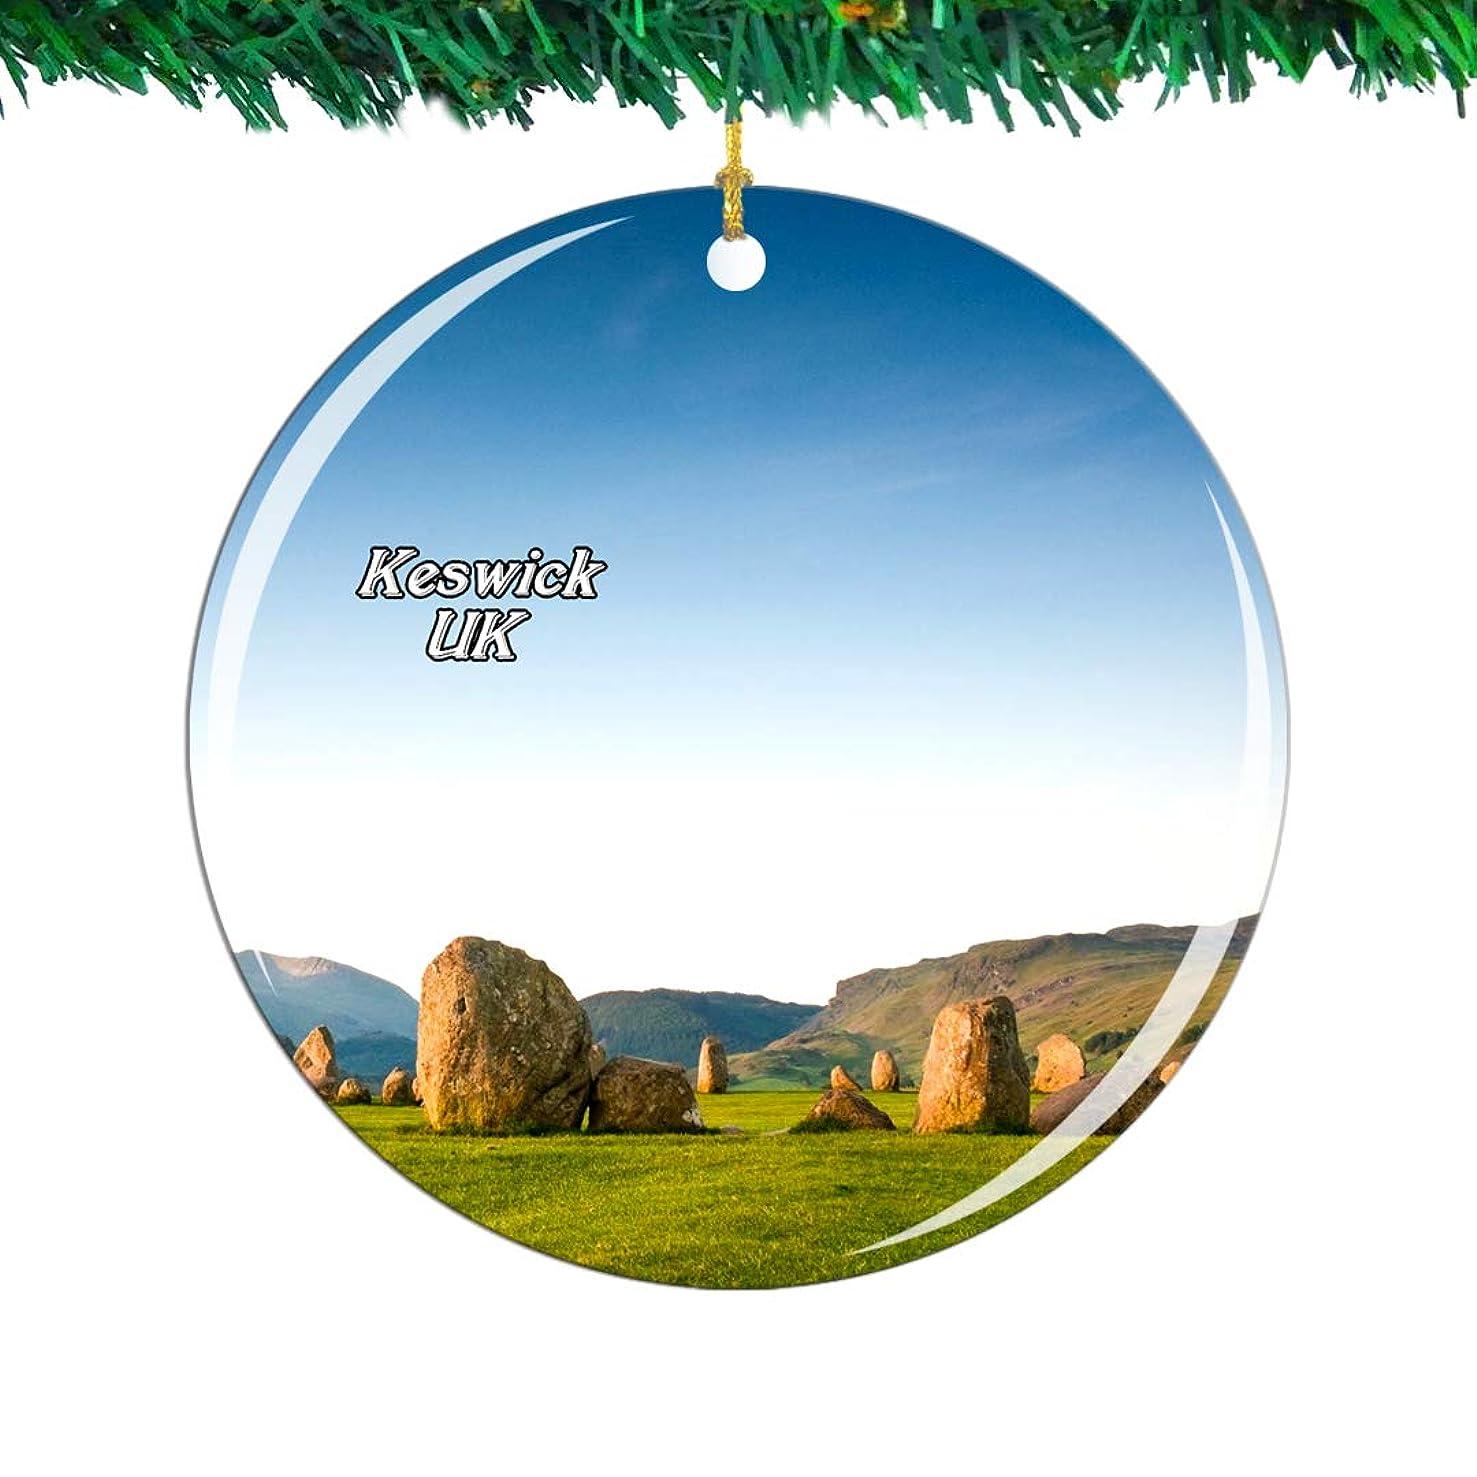 アセンブリ強制キャンパスWeekino イギリスイングランドキャッスルリッグストーンサークルケズウィッククリスマスオーナメントシティ旅行お土産コレクション両面 磁器2.85インチ ぶら下がっている木の装飾